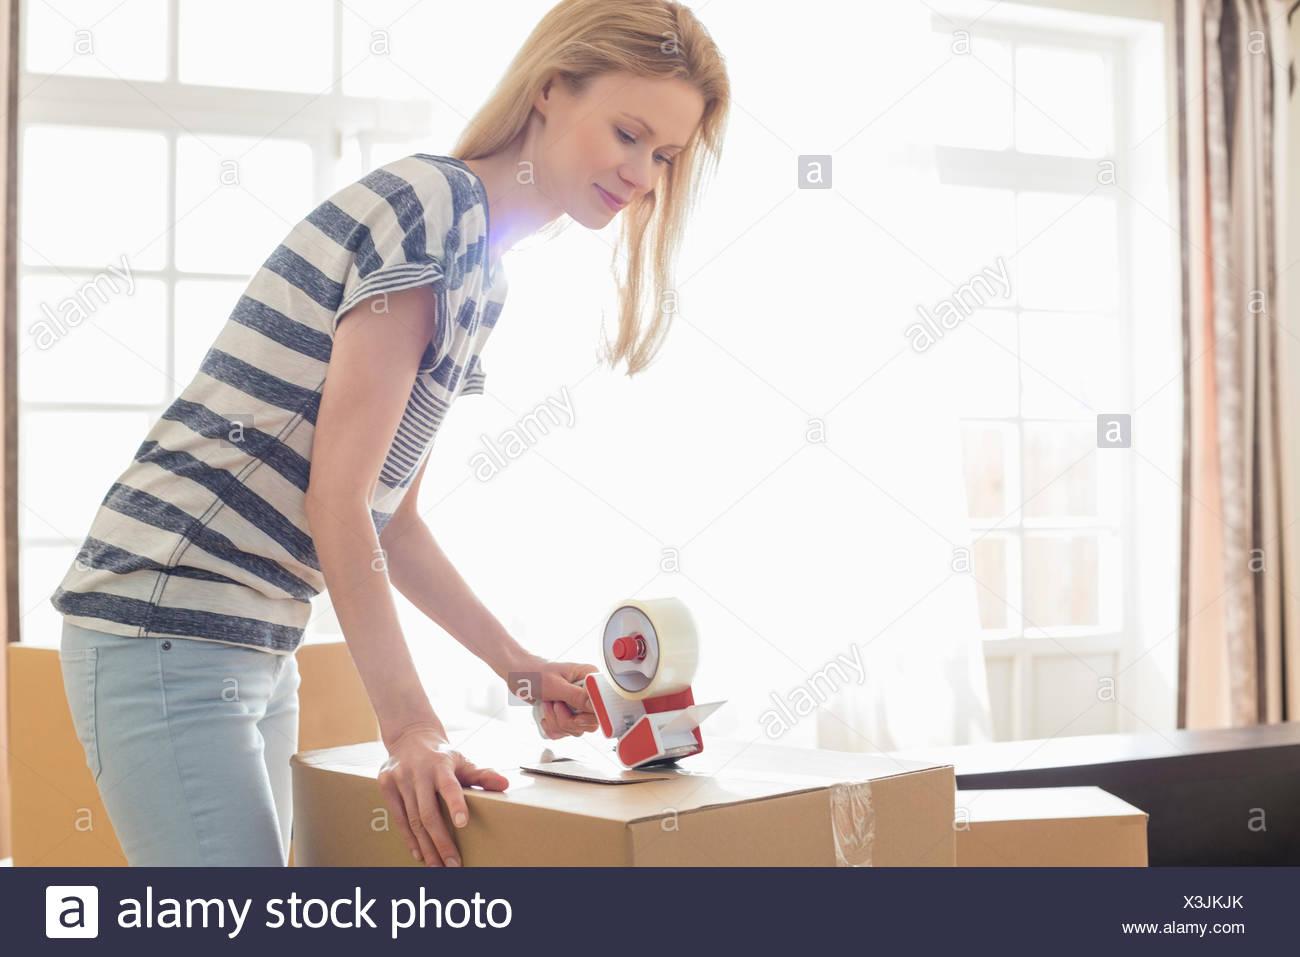 Frau Verpackung Umzugskarton zu Hause Stockbild